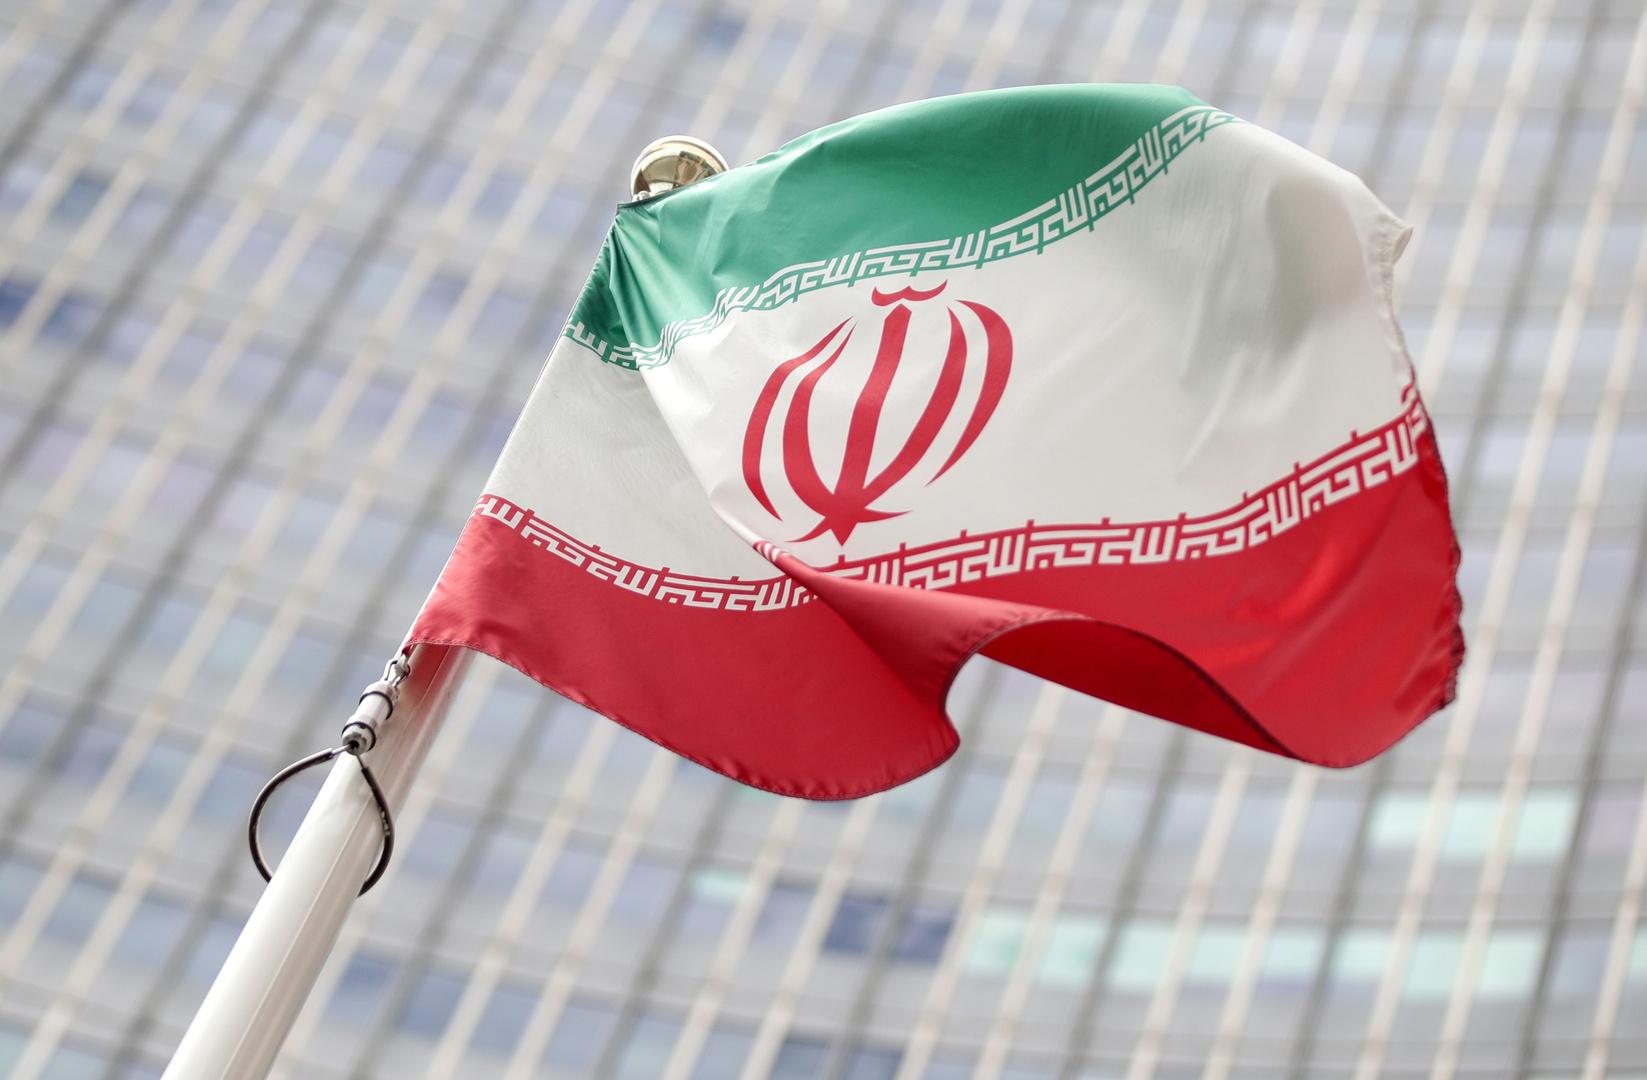 فيينا تشهد اليوم محاولة أخرى لإنقاذ اتفاق إيران النووي